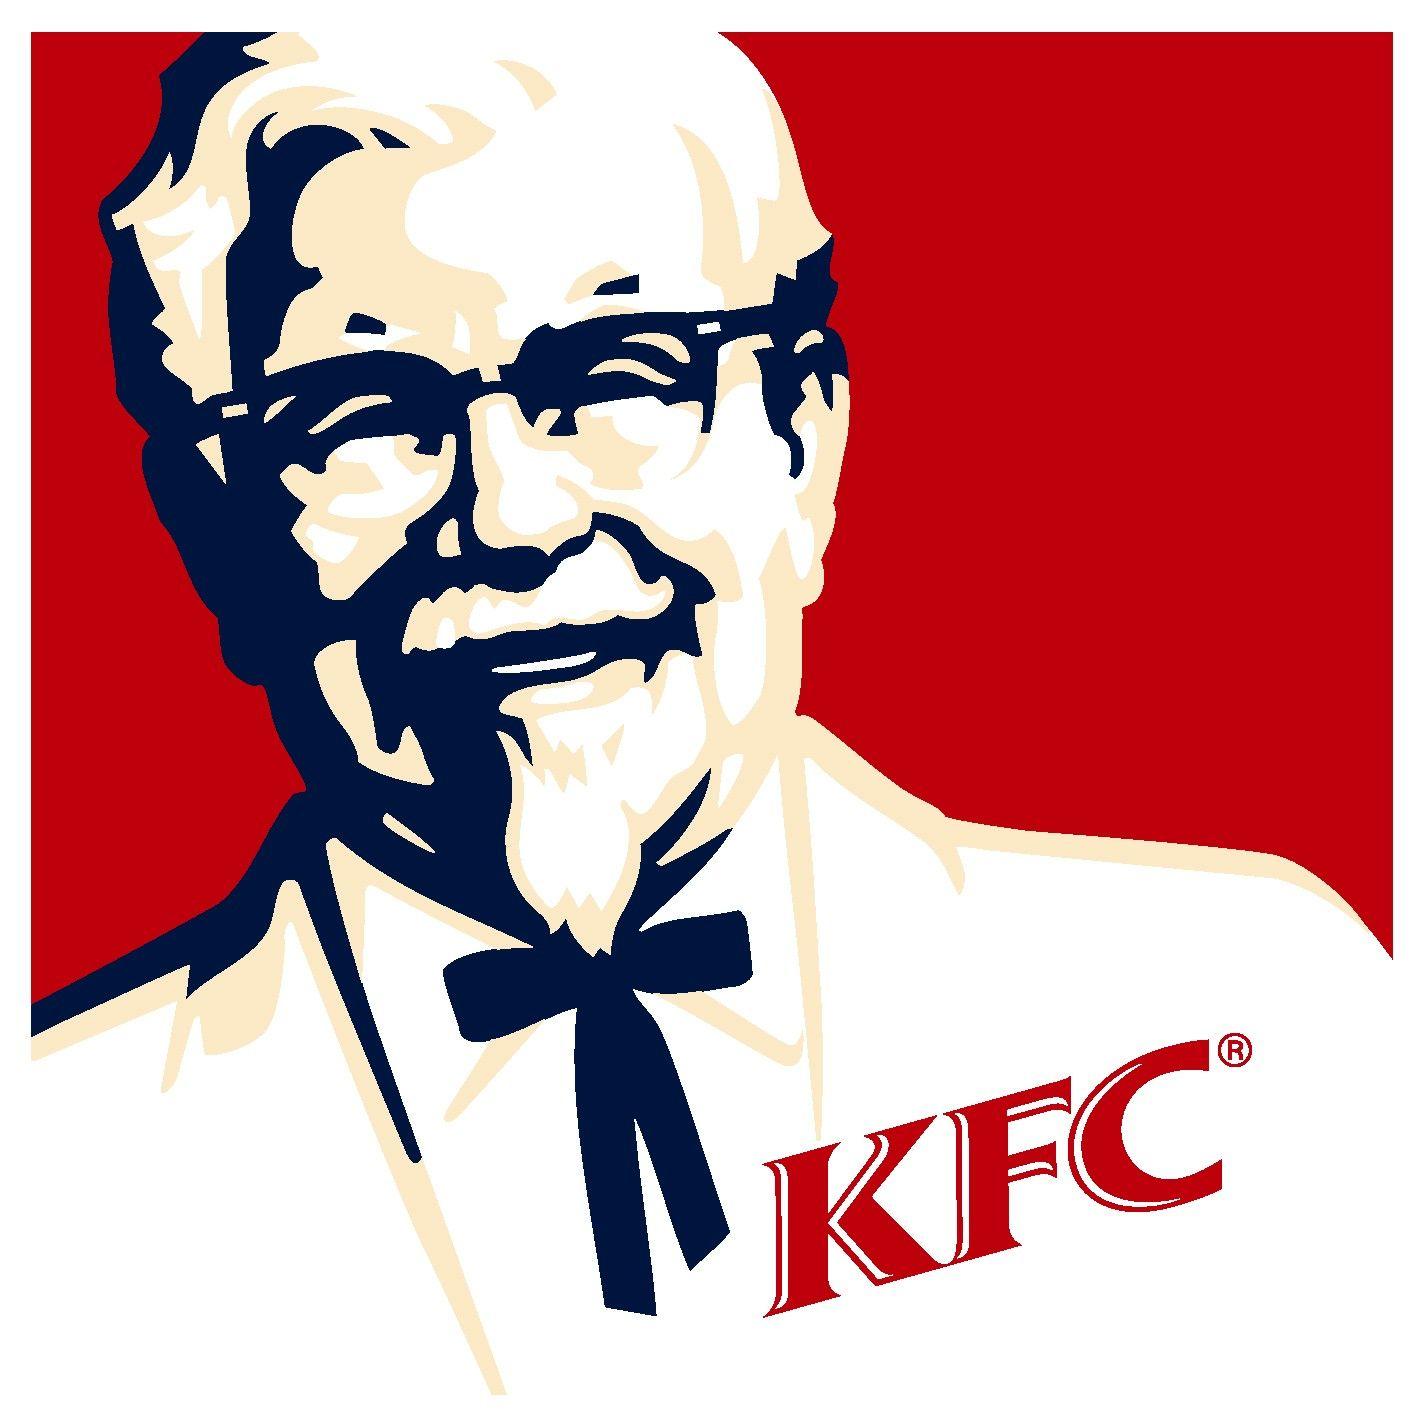 Kentucky Fried Chicken (KFC).